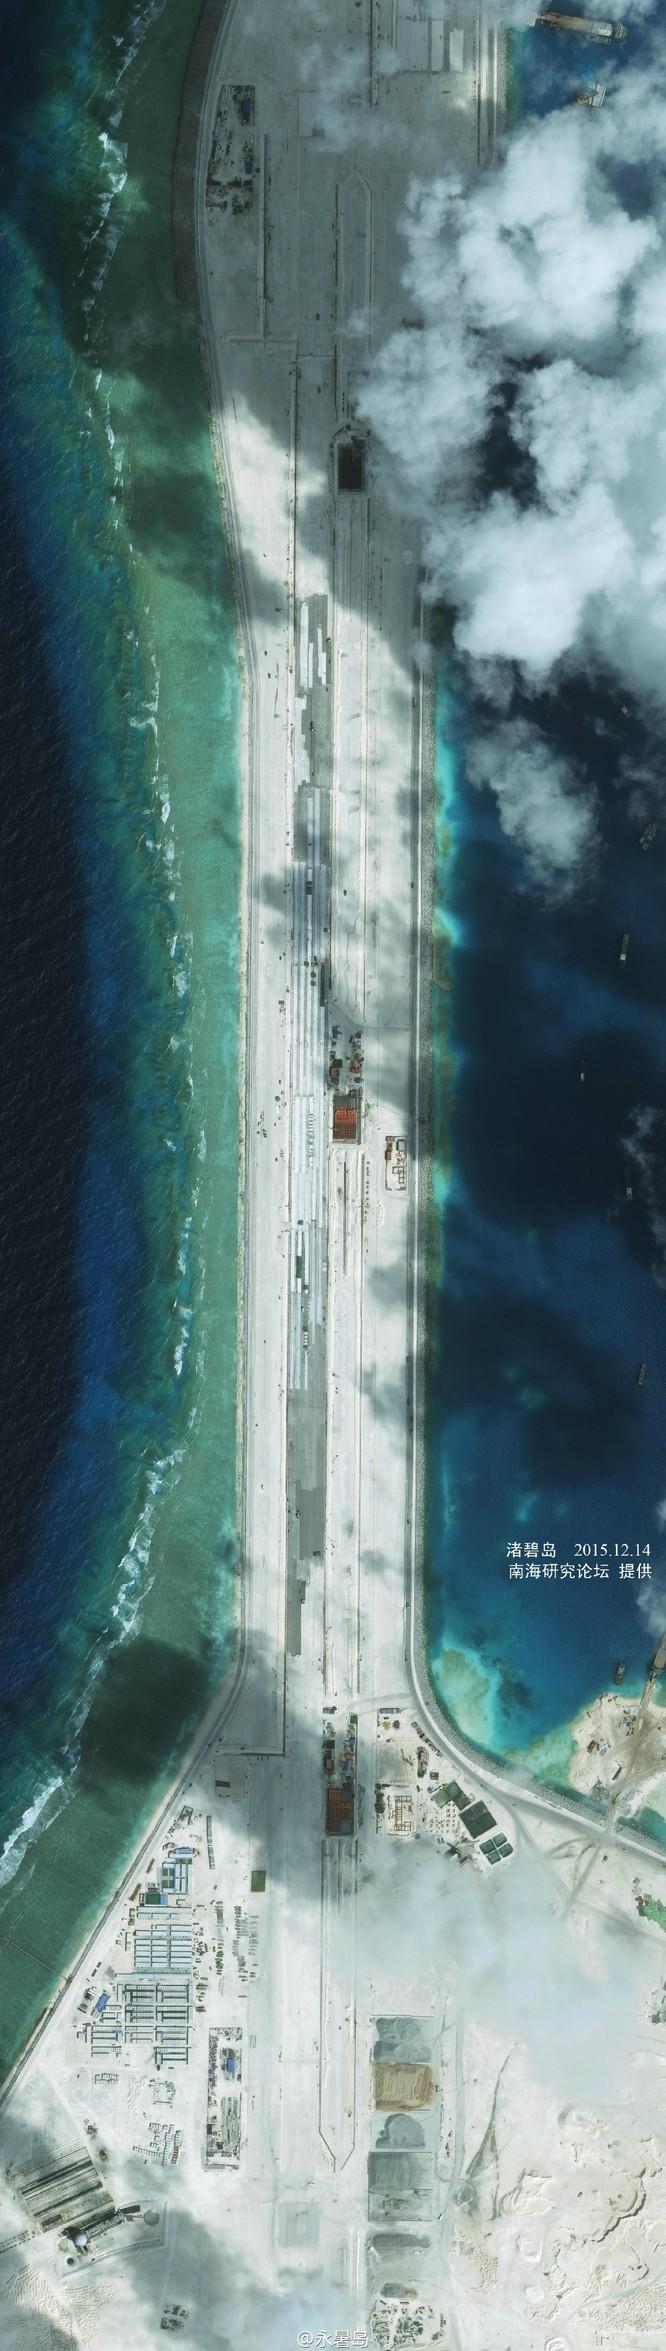 Đá Xu bi đang được Trung Quốc ráo riết bồi lấp, xây dựng thành căn cứ quân sự kiên cố với đường băng dài 3.000m